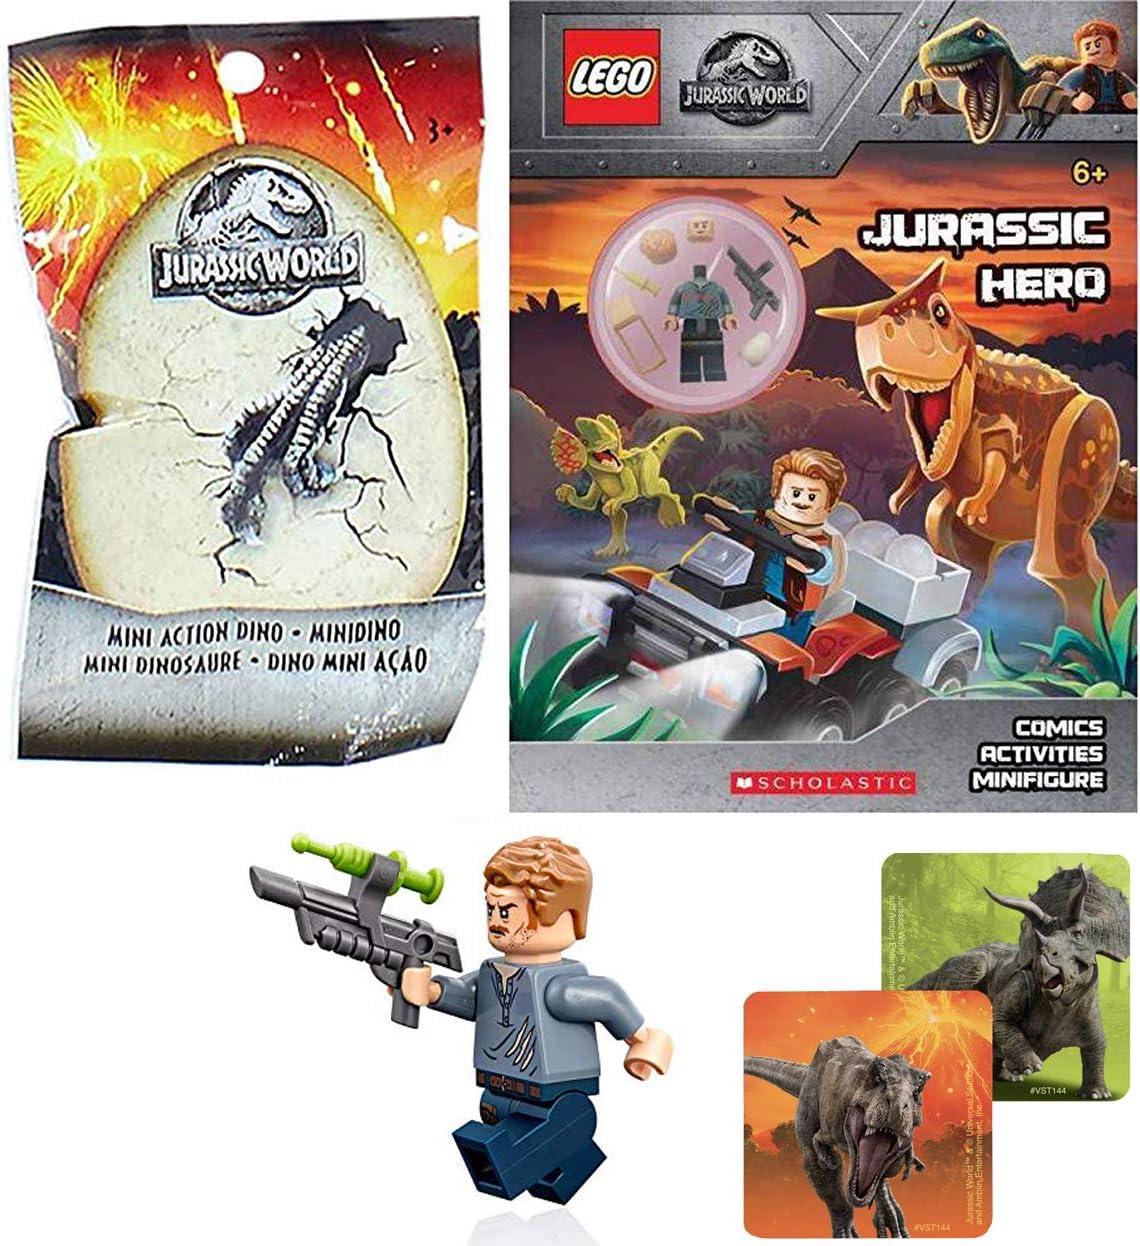 Backpack 1 LEGO Minifigure Owen Grady